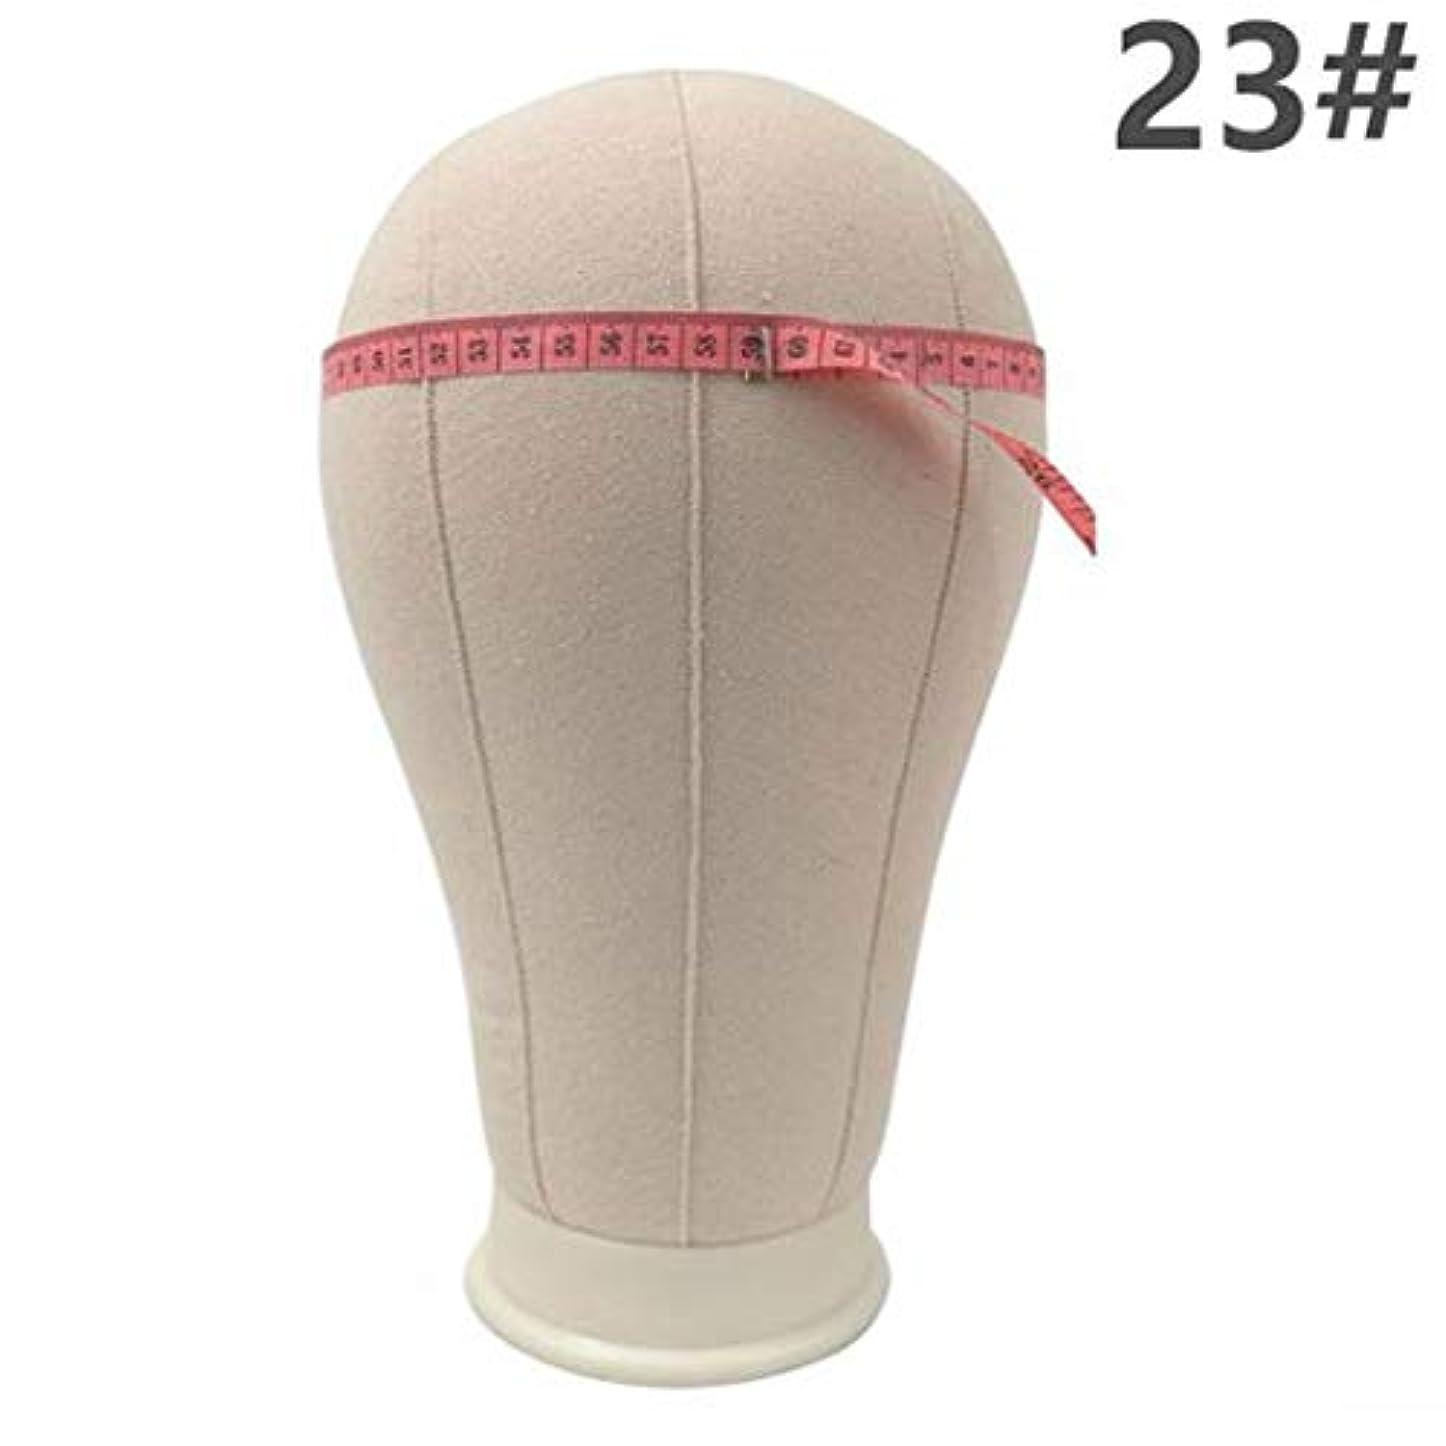 レインコート名門オークションヘッドモールドウィッグブラケット仕上げウィッグ形状ピン止め可能な布布モデルヘッドキャンバスヘッドモデルヘッドウィッグ配置,C